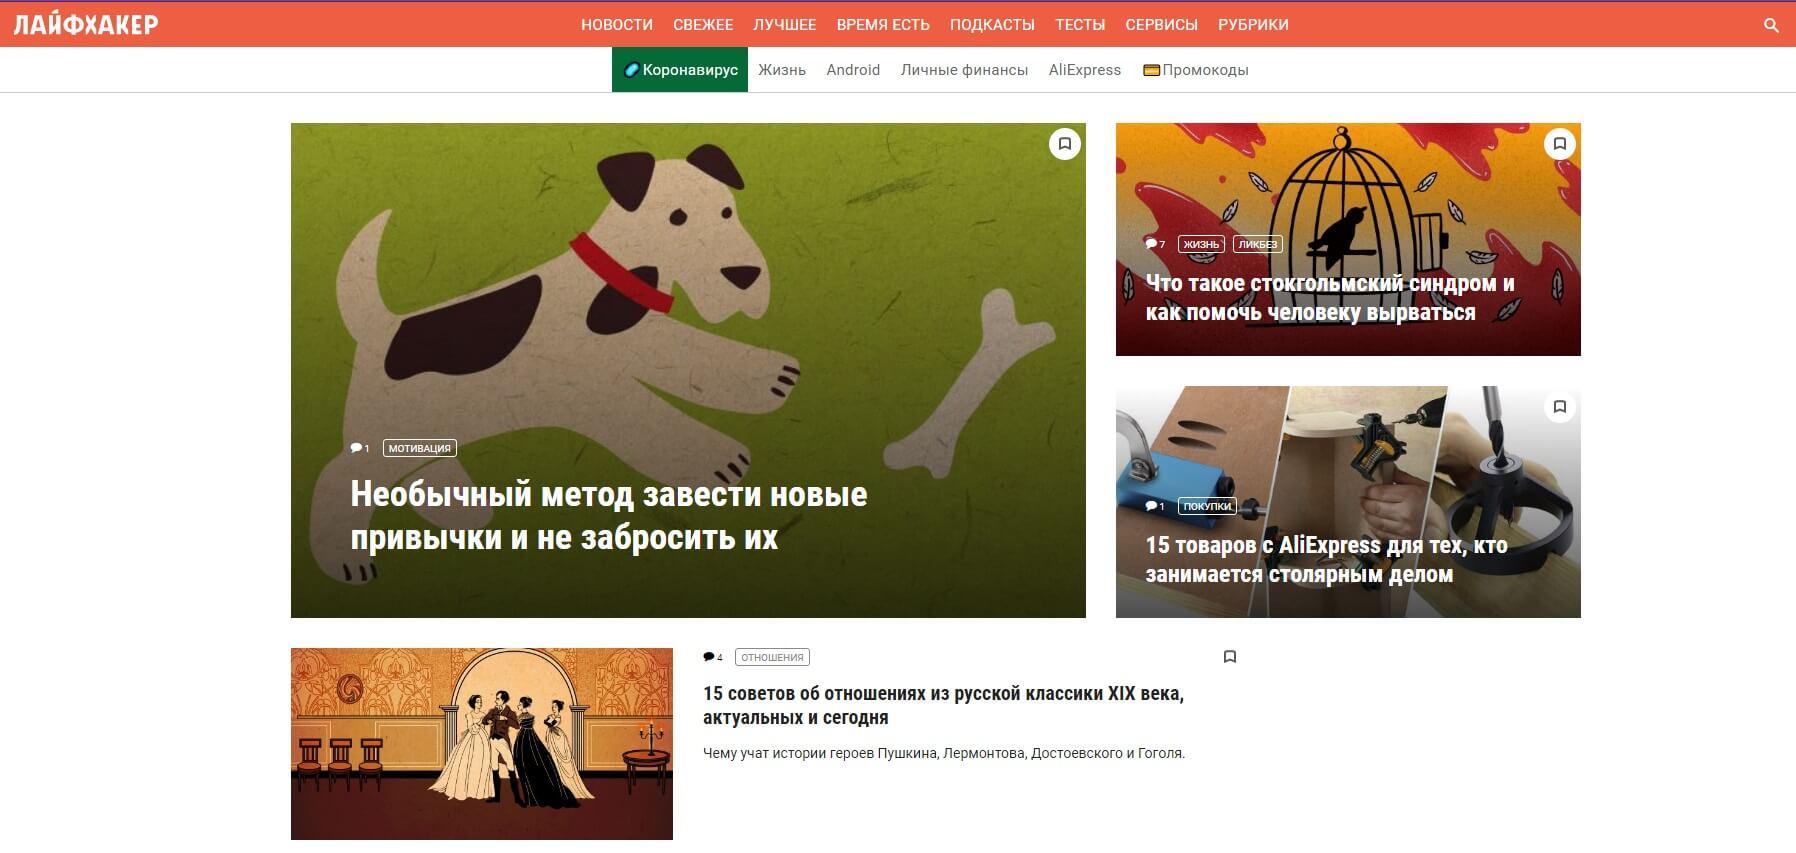 Продвижение и создание сайтов оренбург